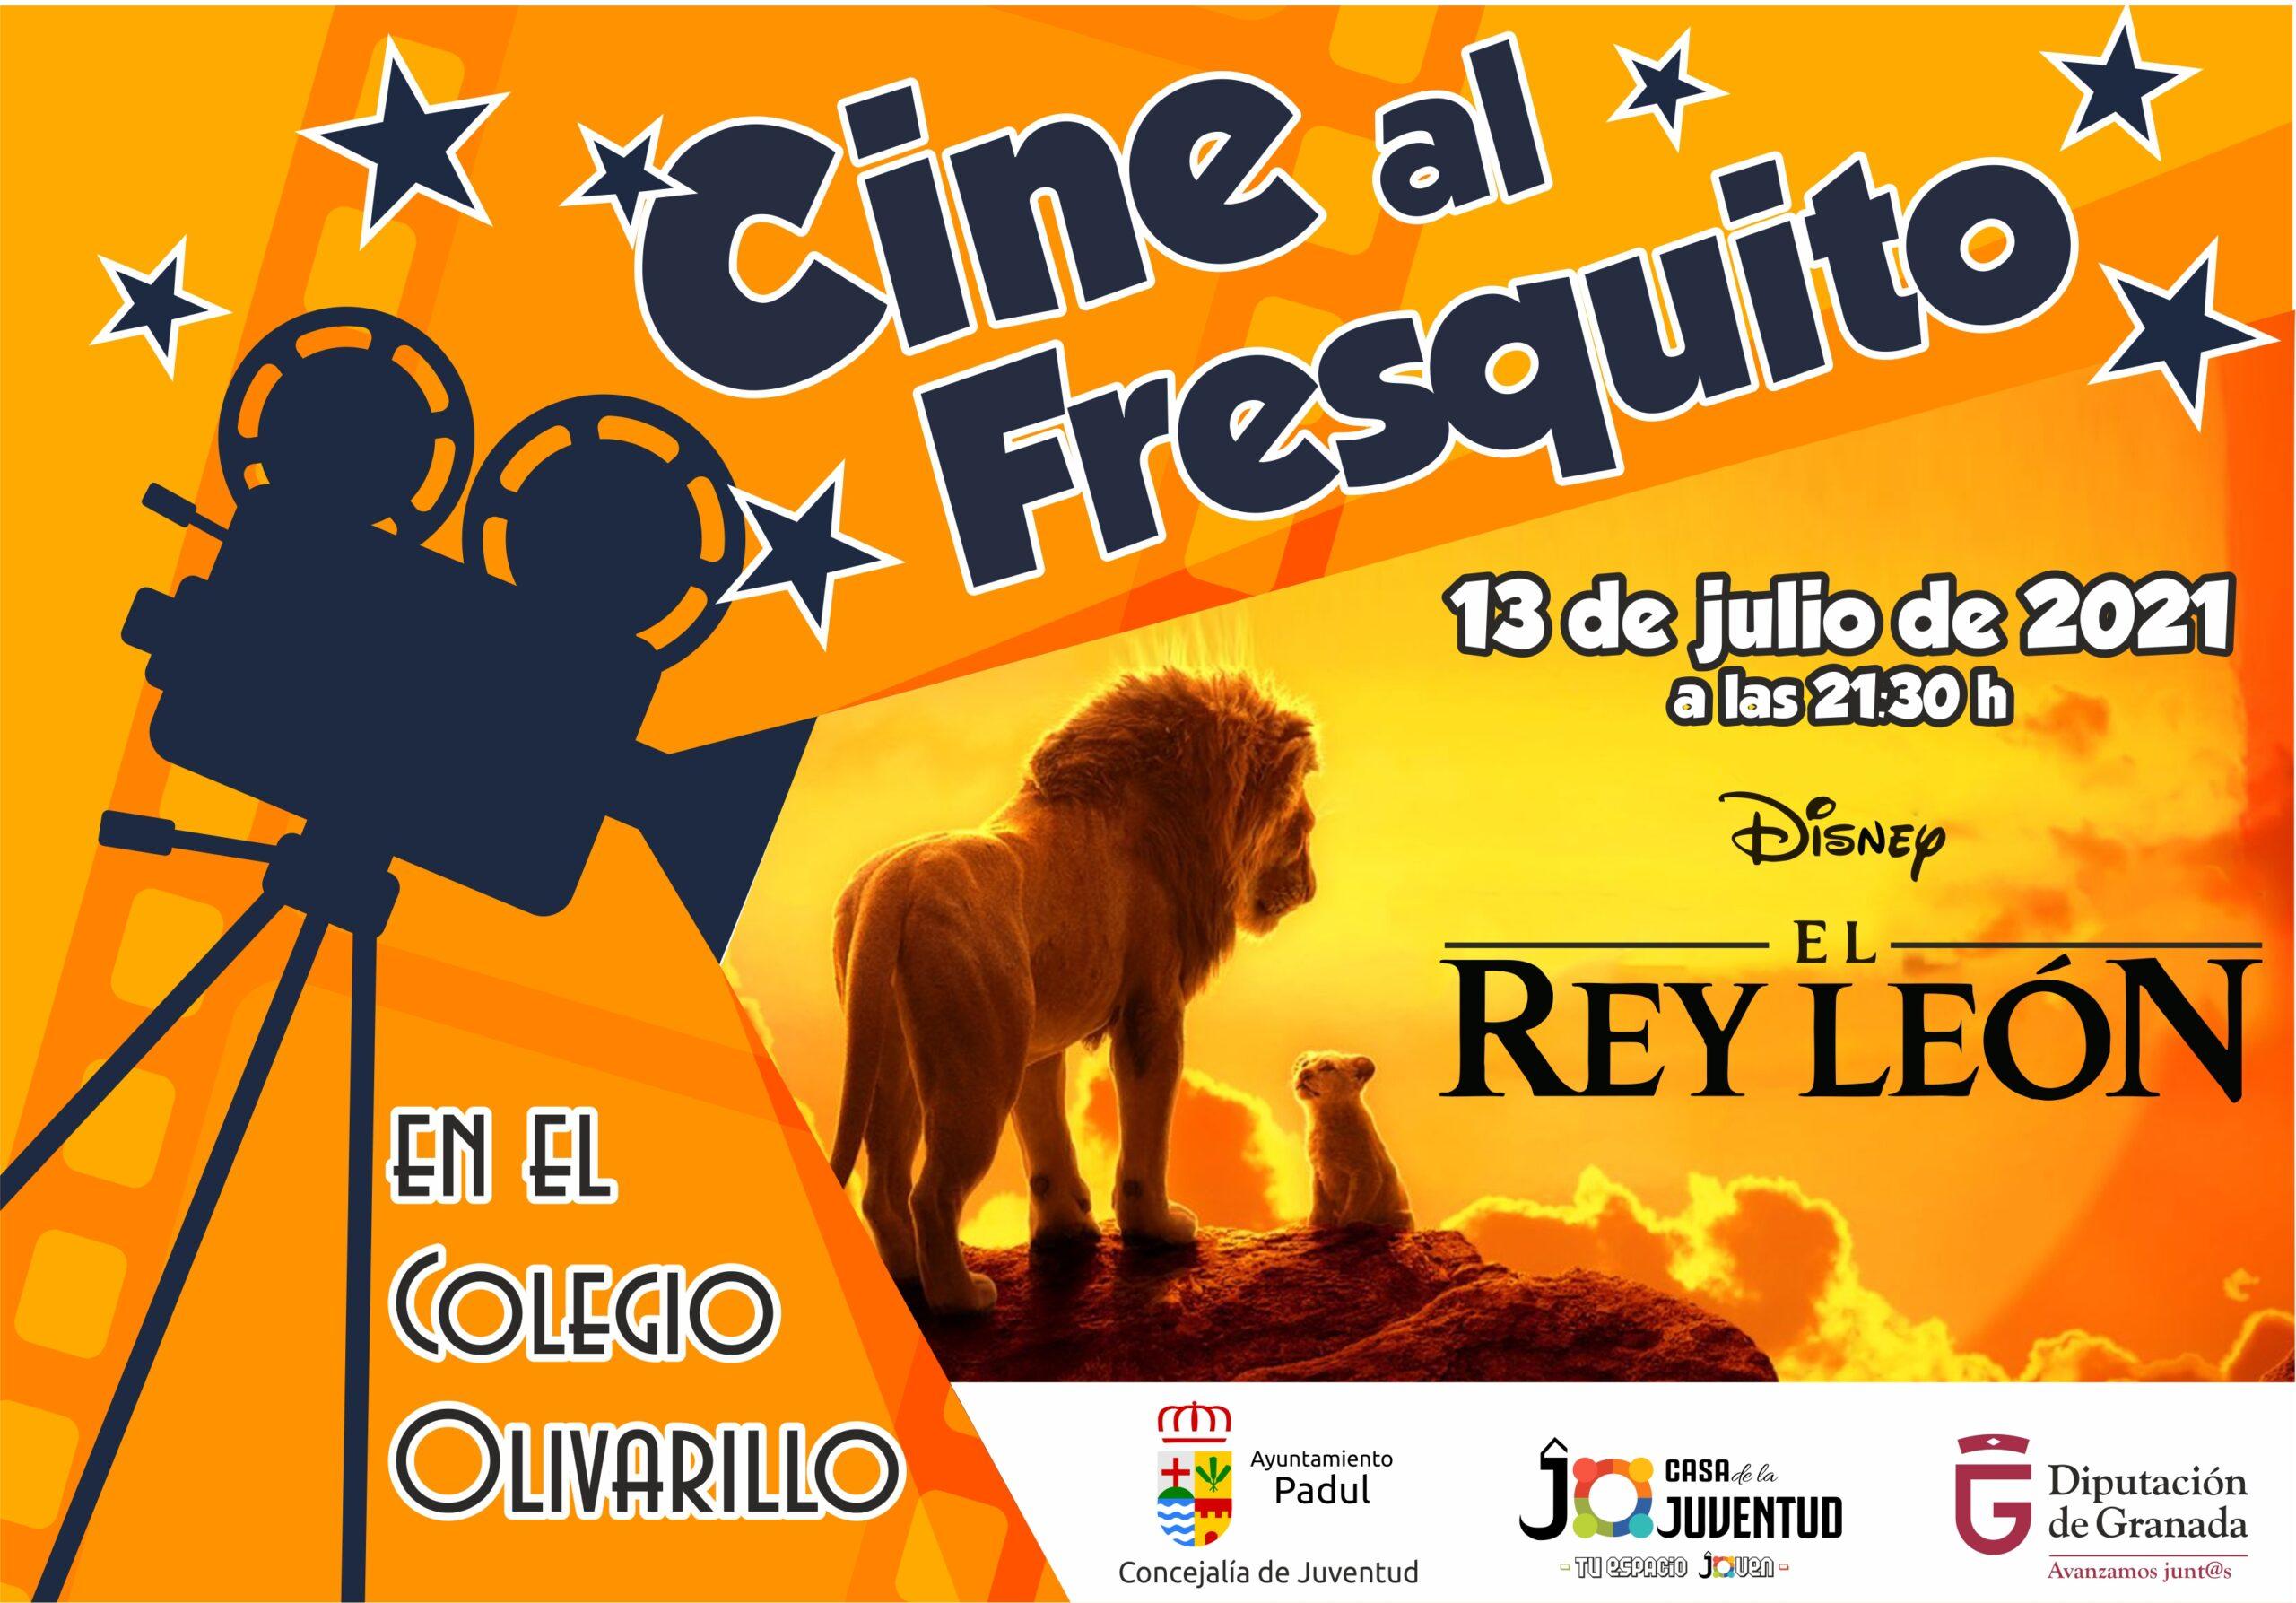 Cine al fresquito El Rey León